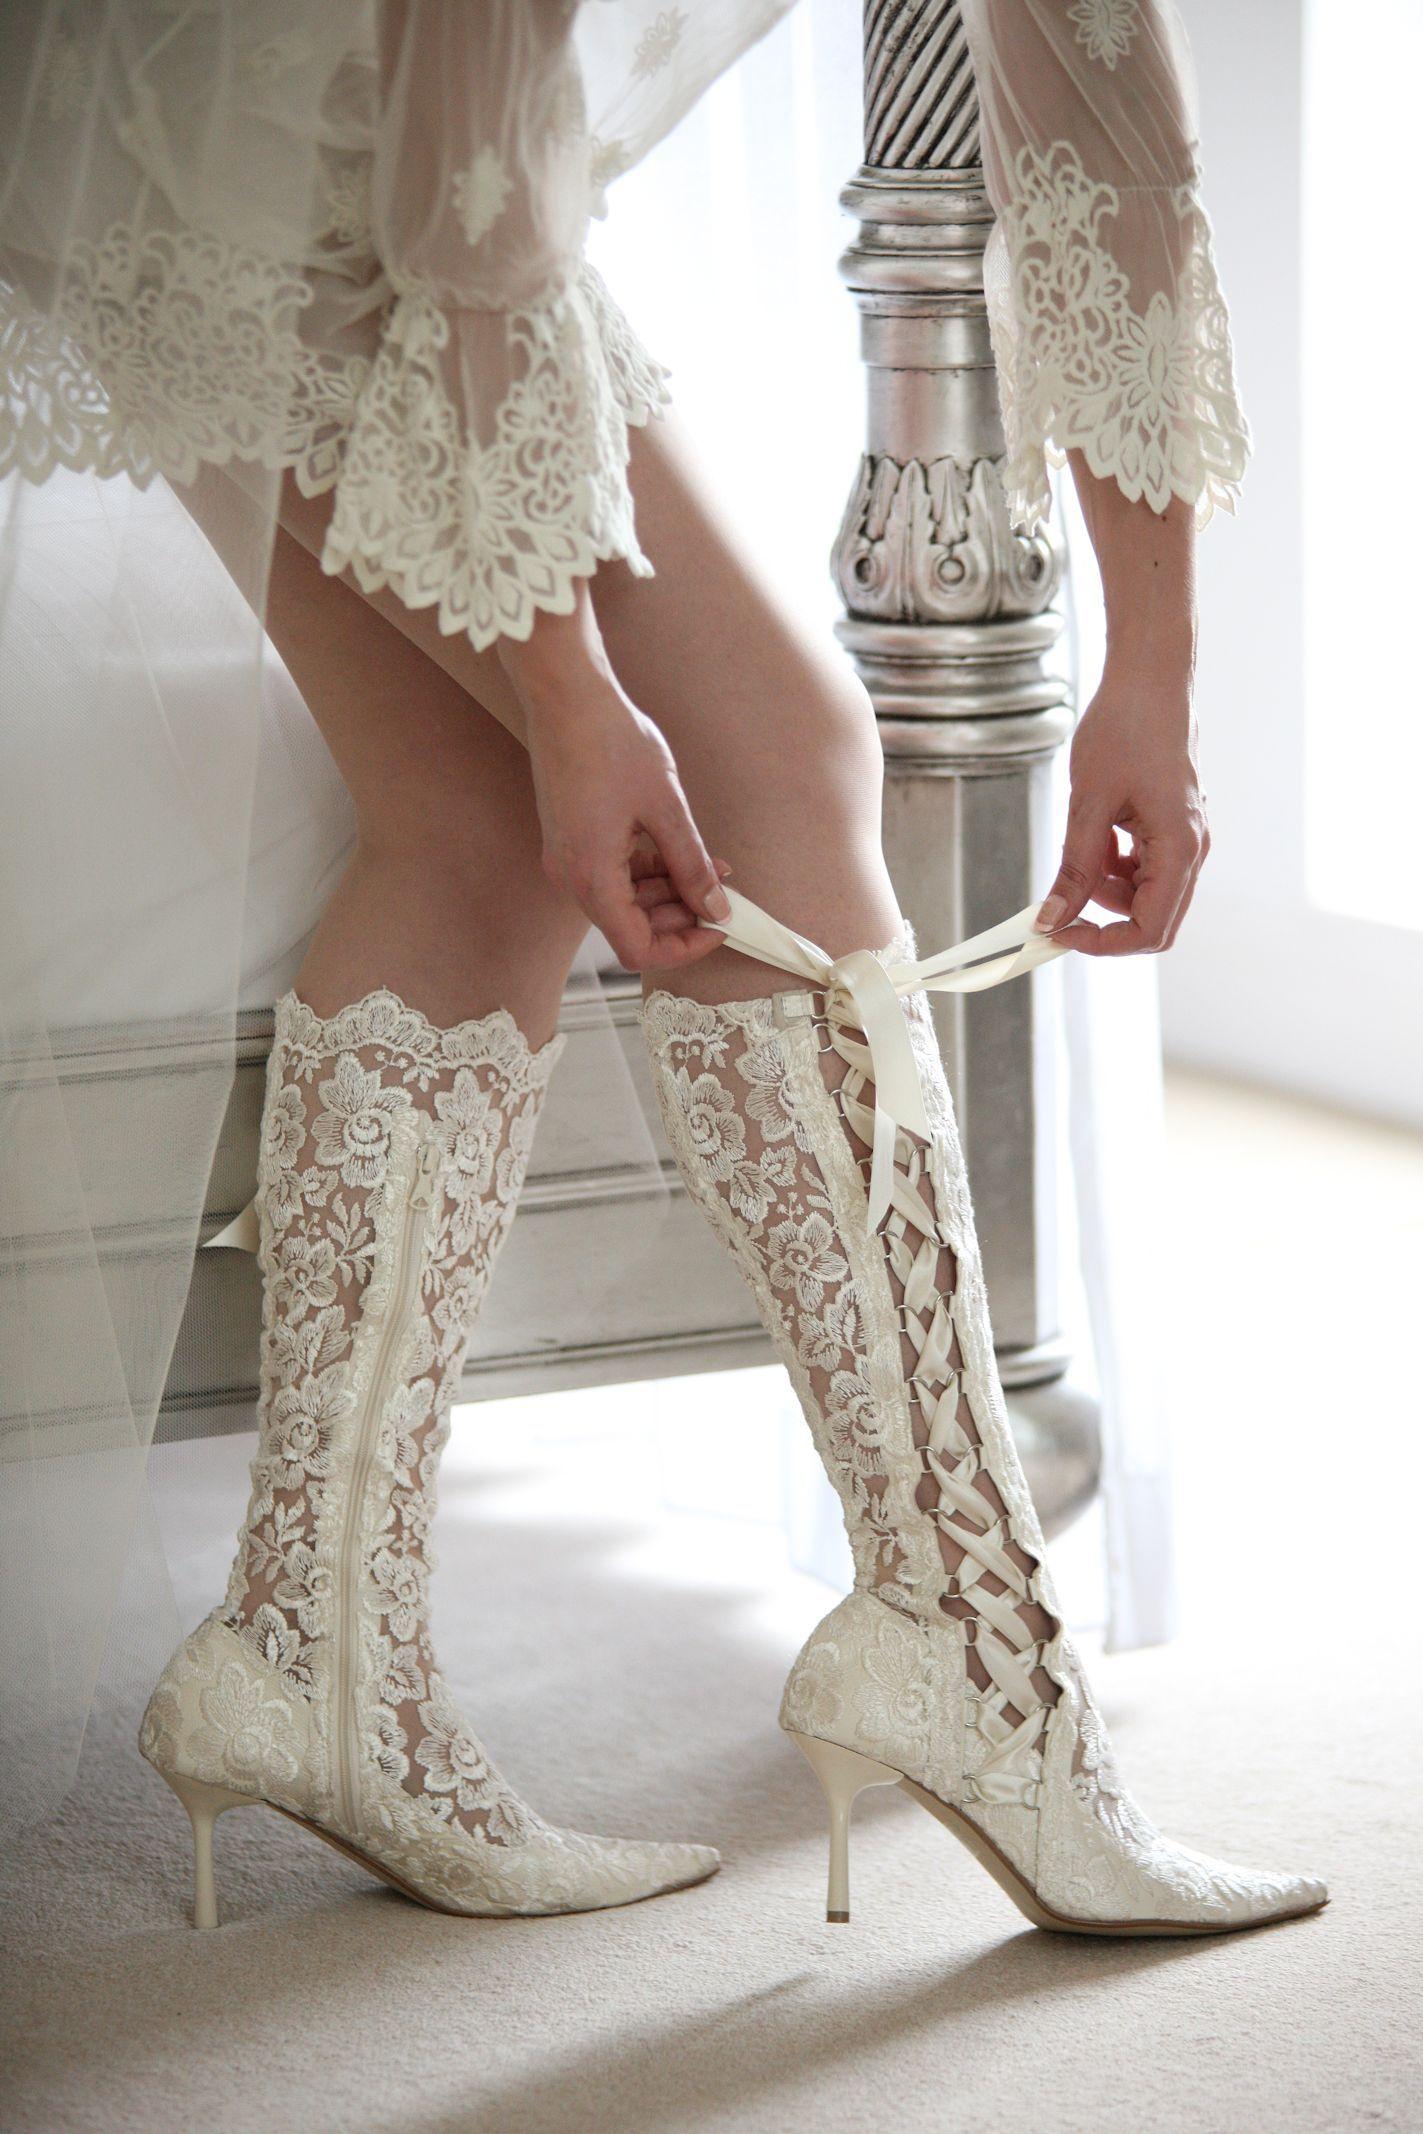 Wedding Shoes: Heels vs Flats | Victorian wedding dresses and ...